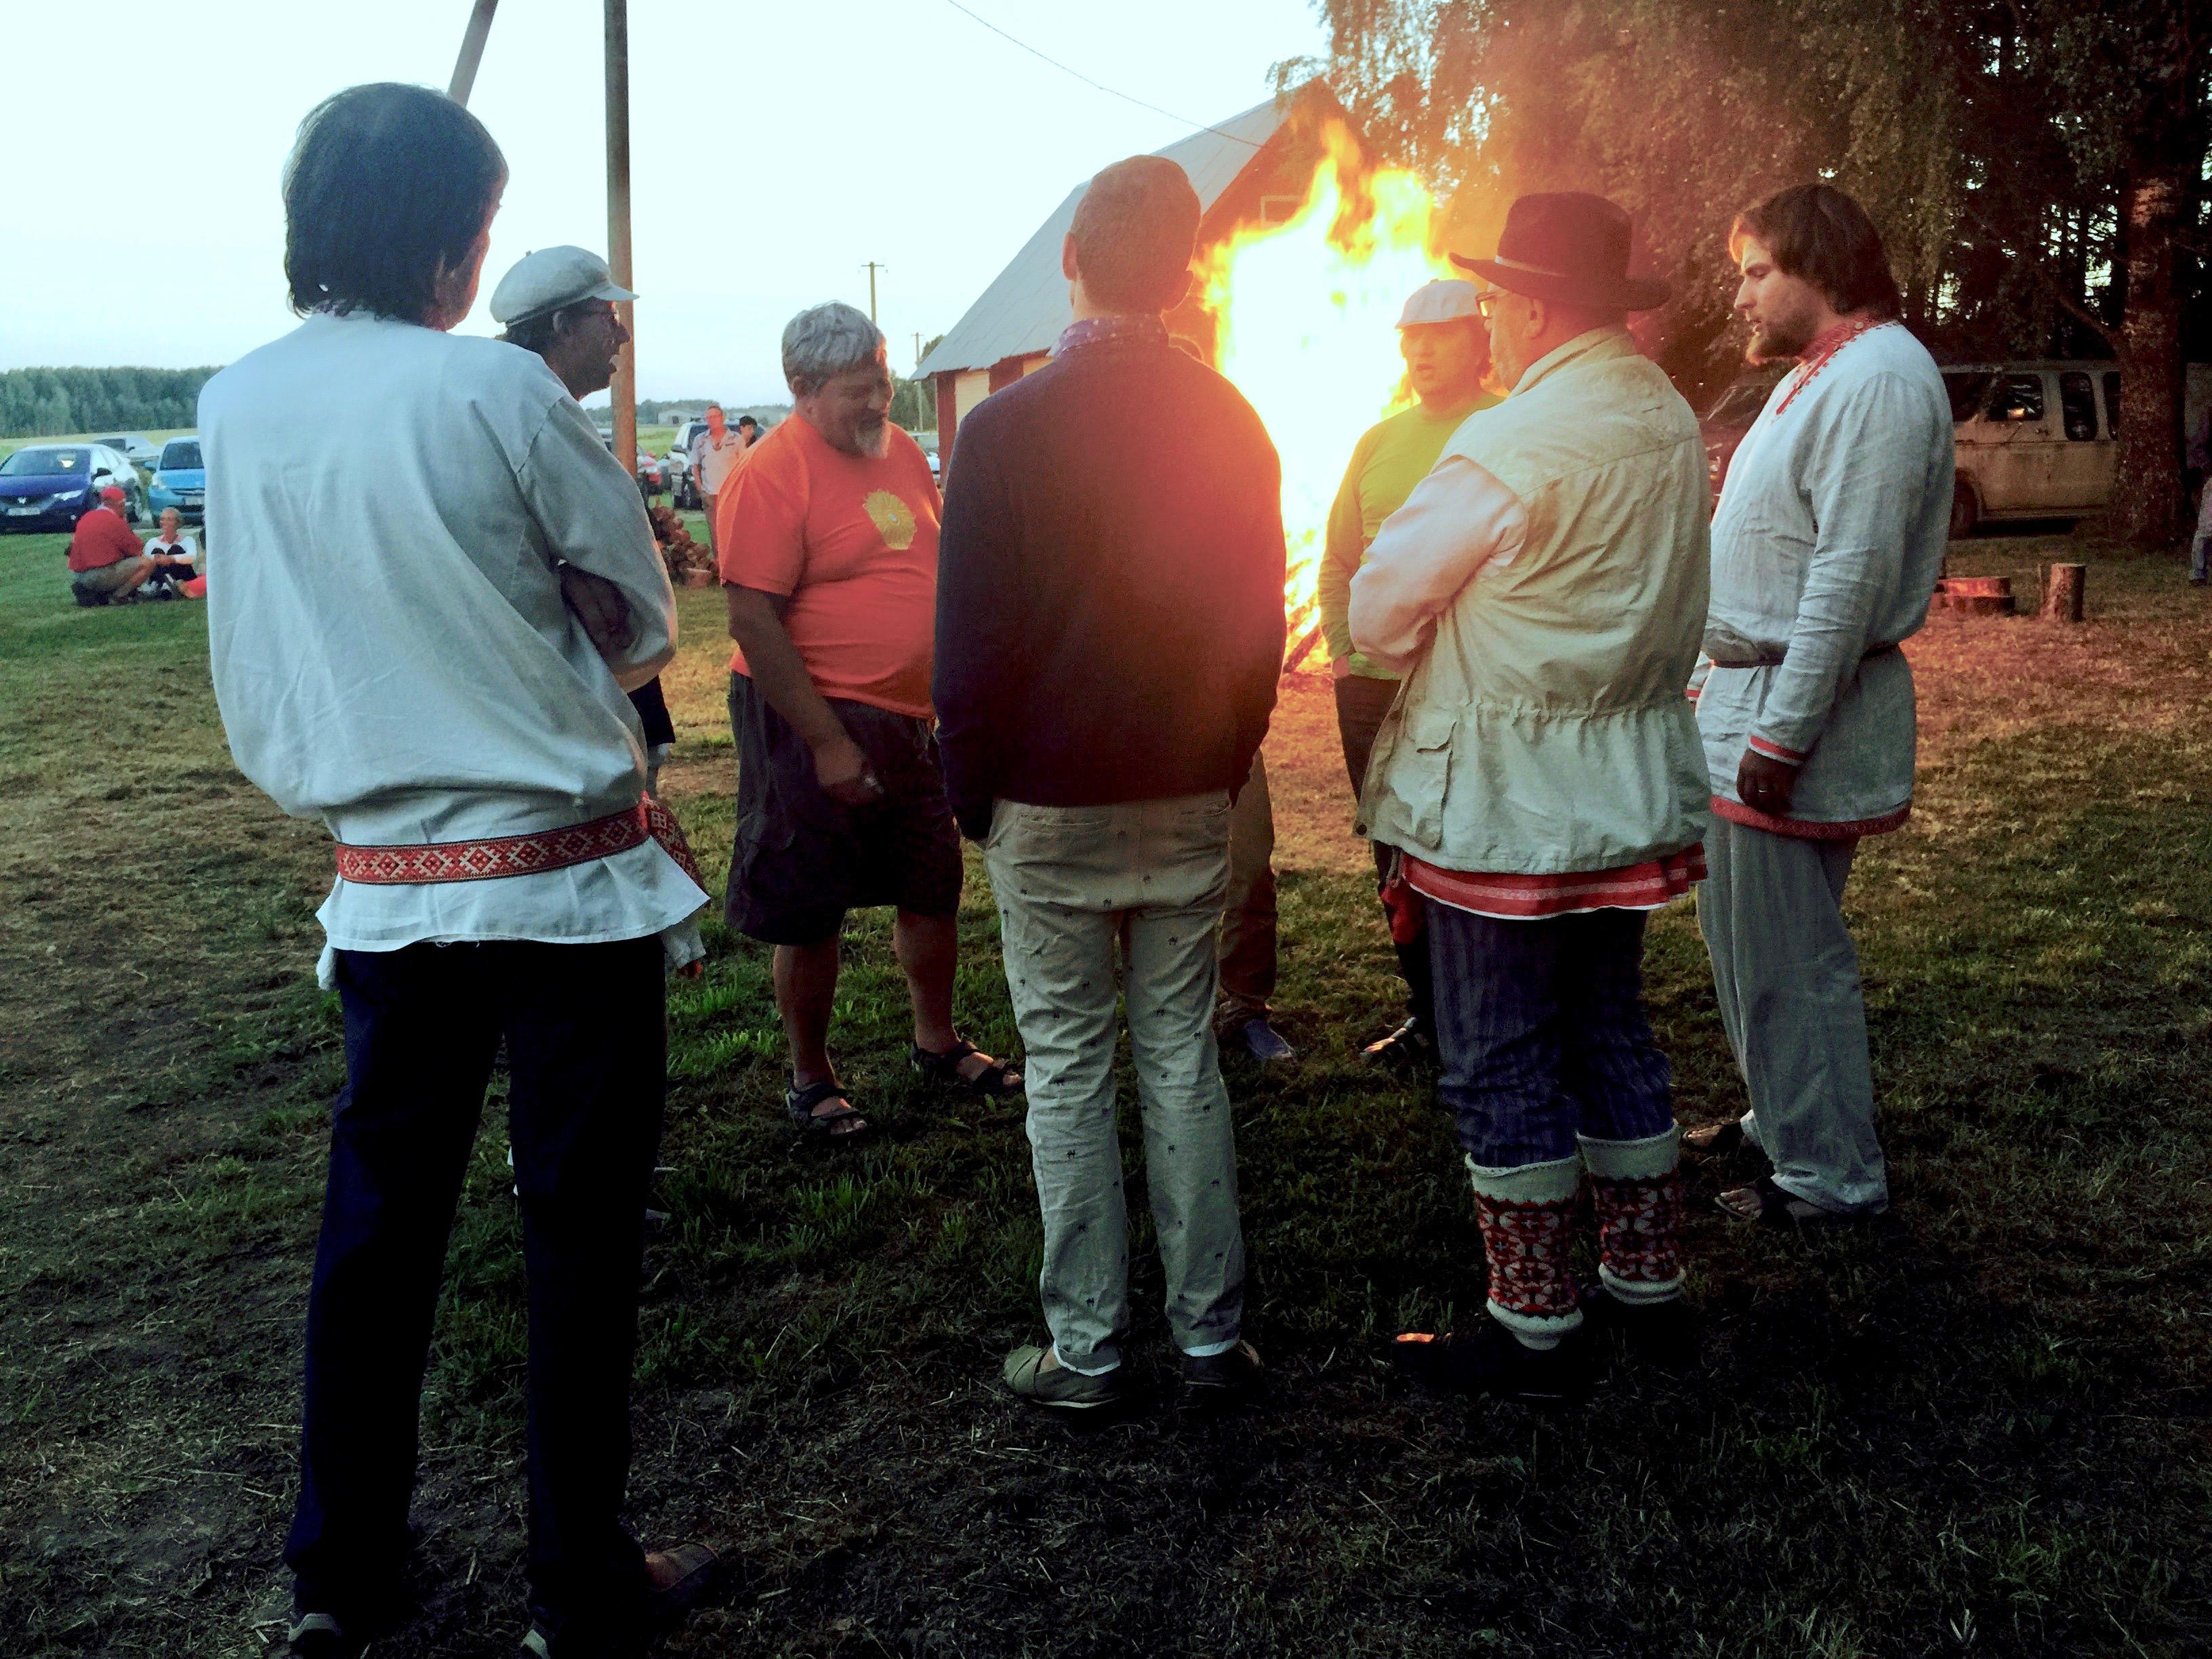 Sjunga i klunga verkar ske helt naturligt så fort en eld tänds.